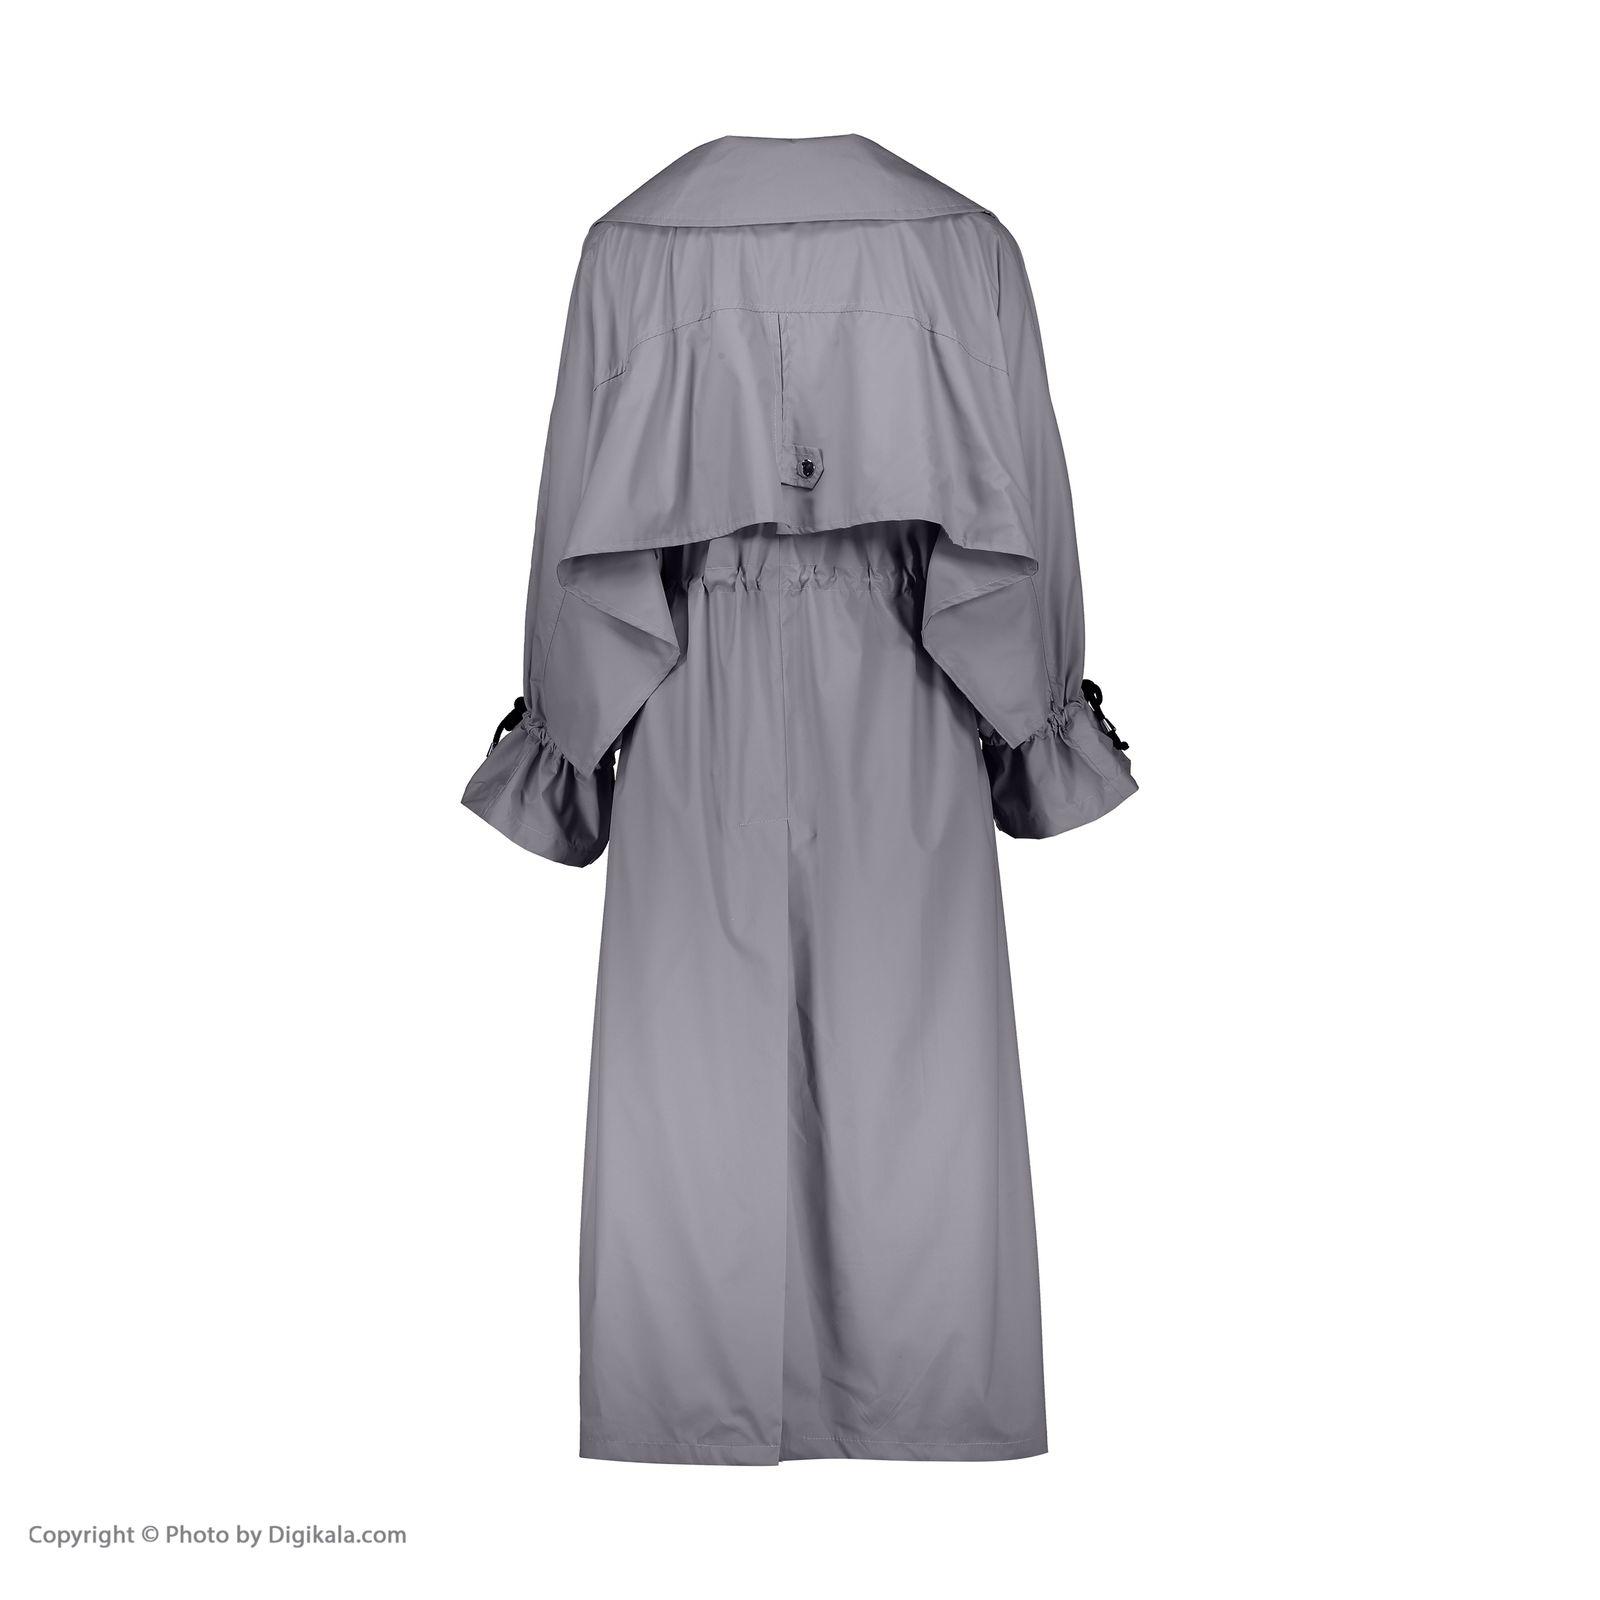 بارانی زنانه کیکی رایکی مدل BB1050-040 -  - 4